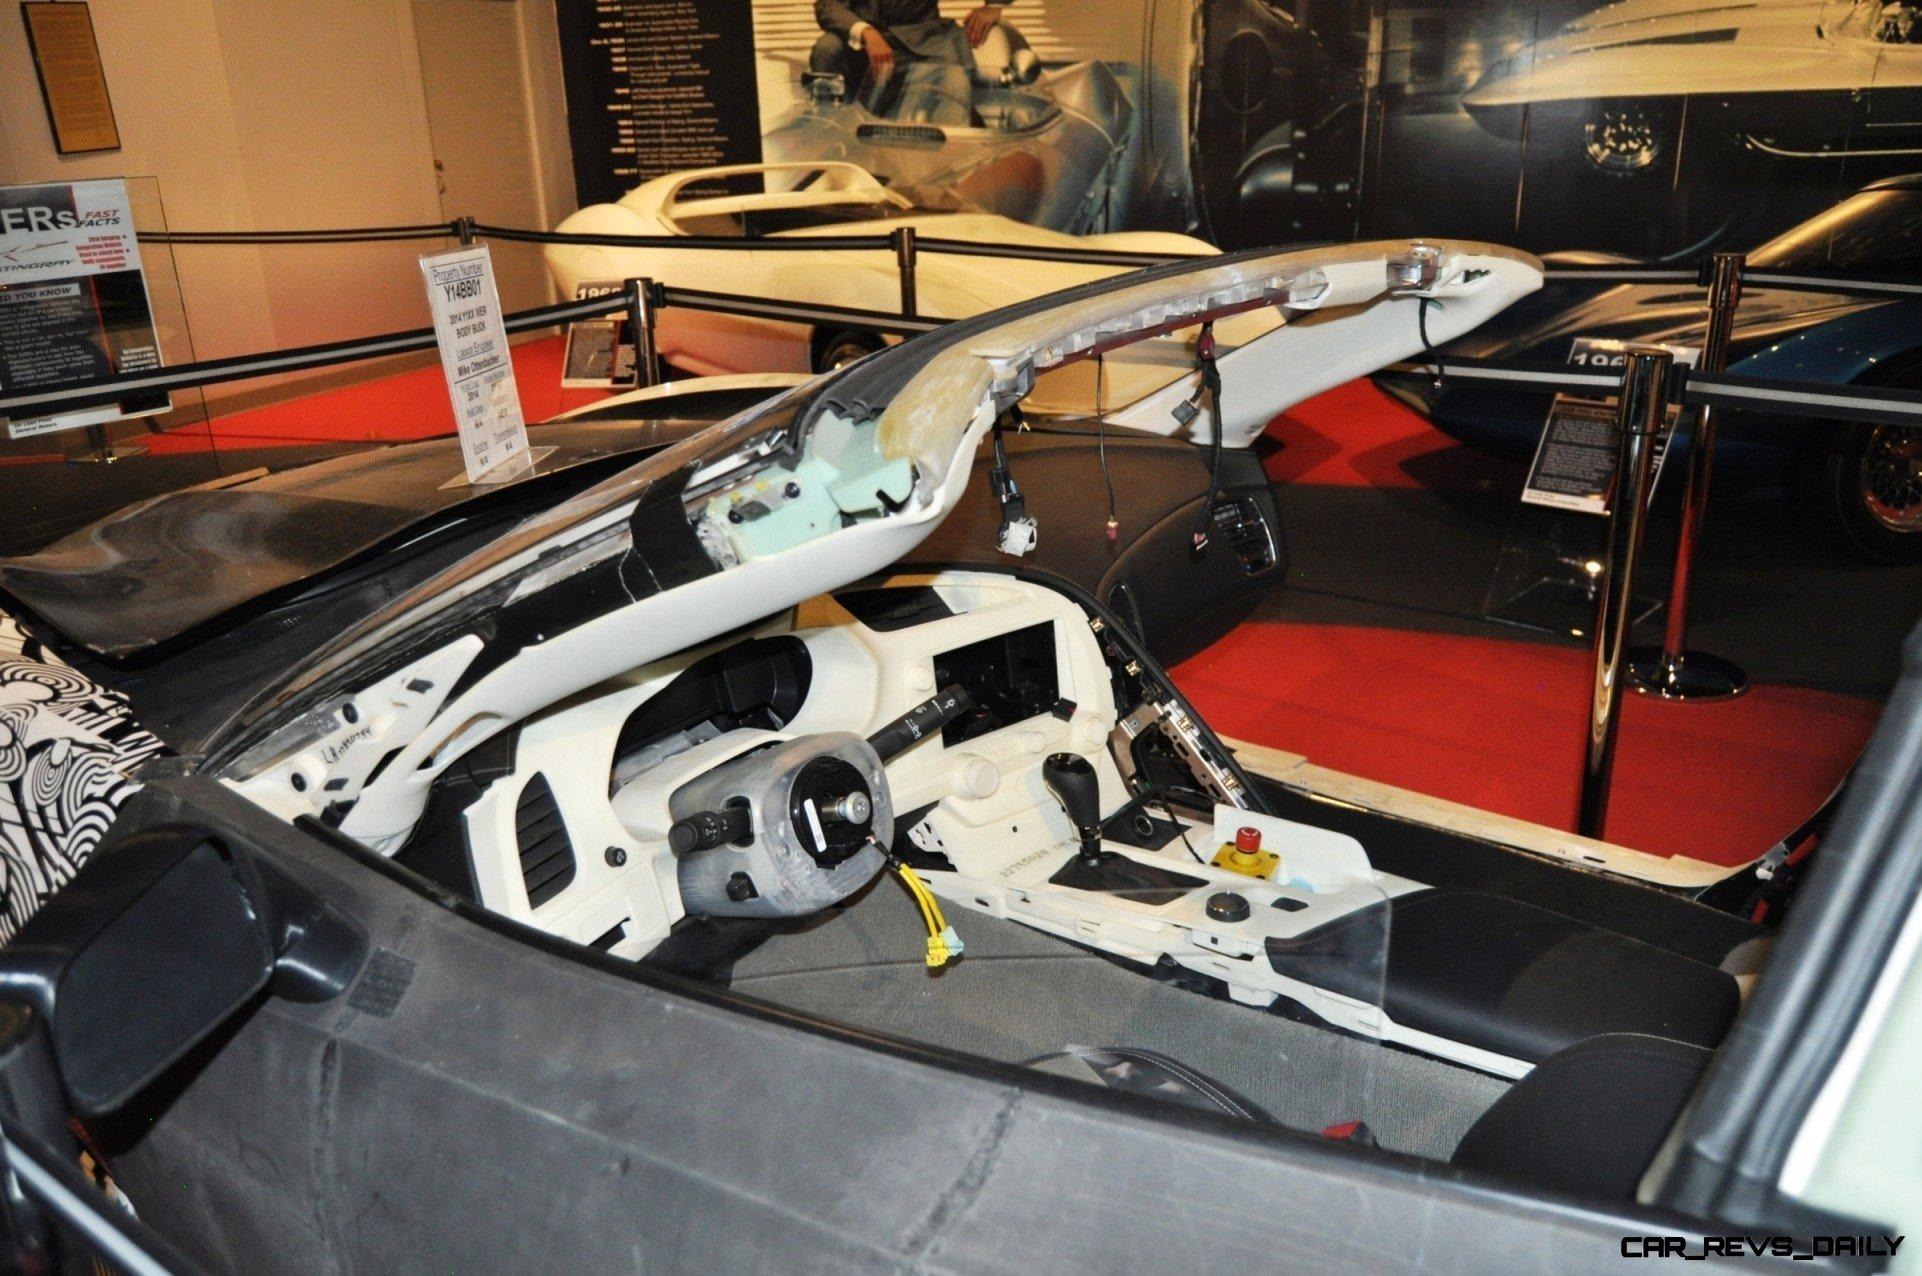 2014 Corvette Stingray IVERS Prototype at Nat'l Corvette Museum 21